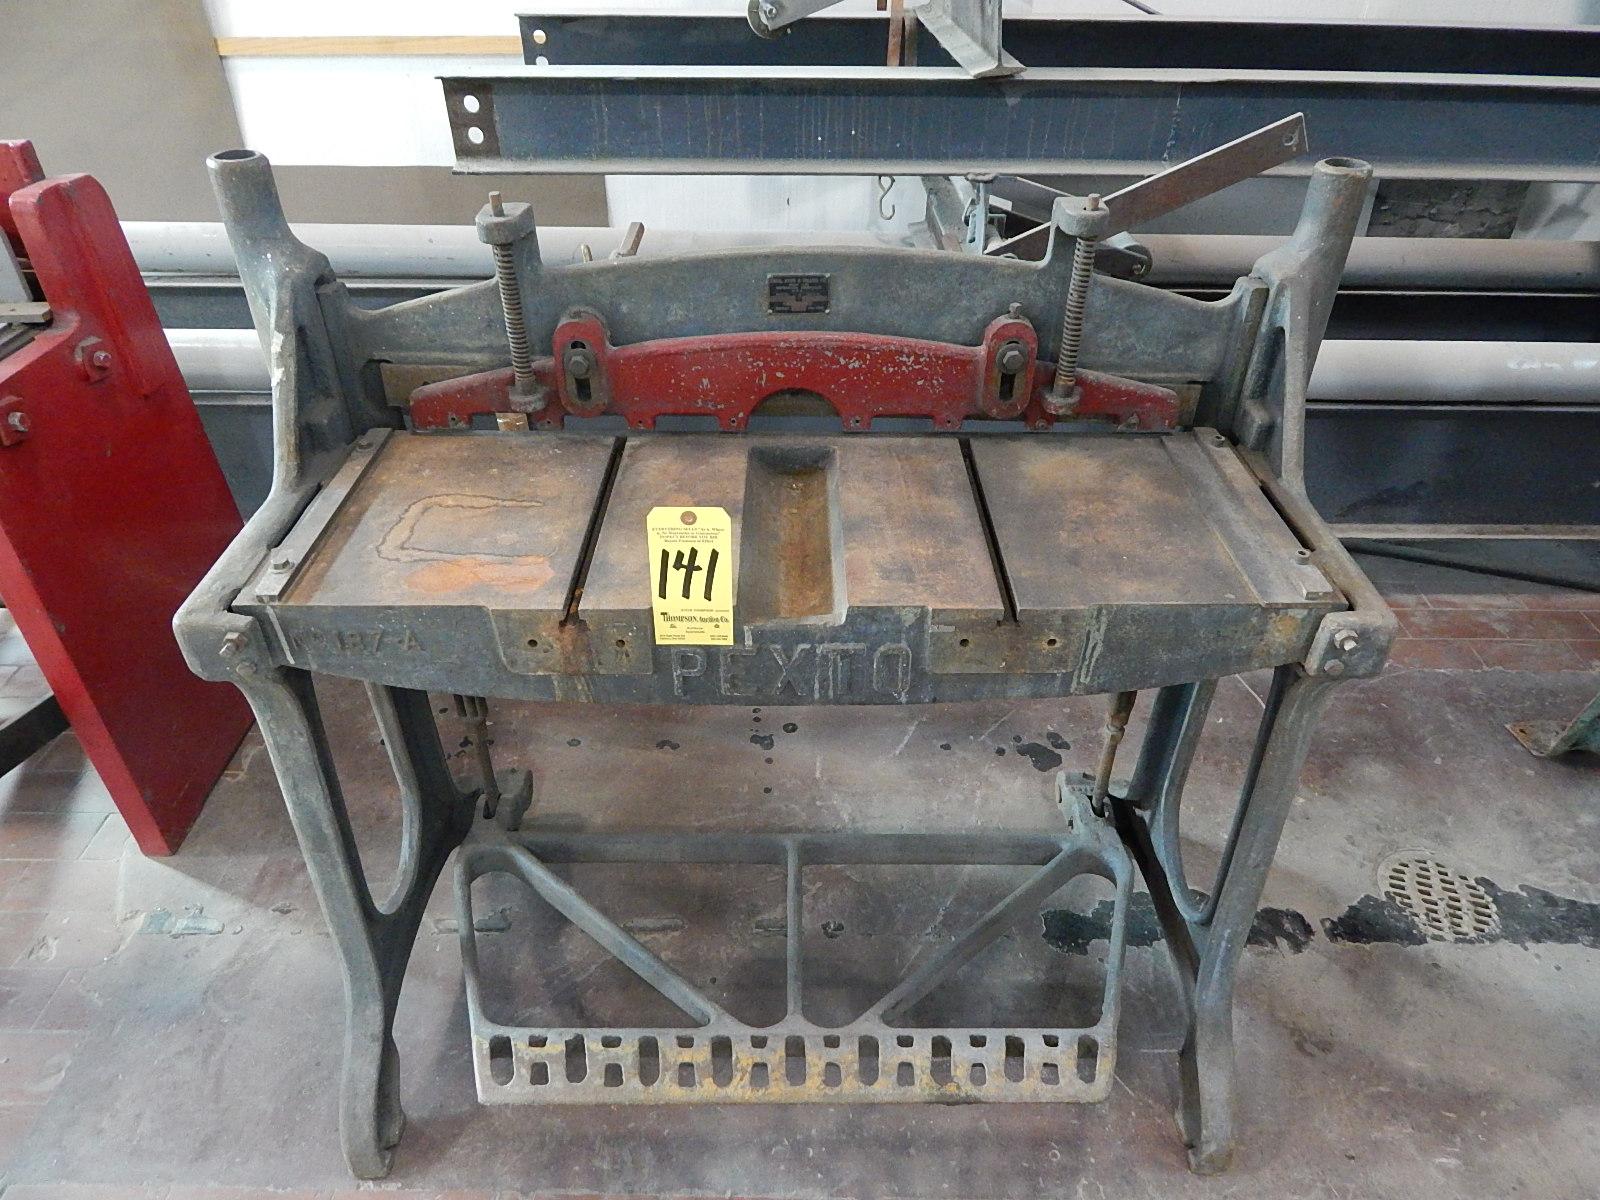 Lot 141 - Pexto Model 137-G Foot Shear, 36 In. X 16